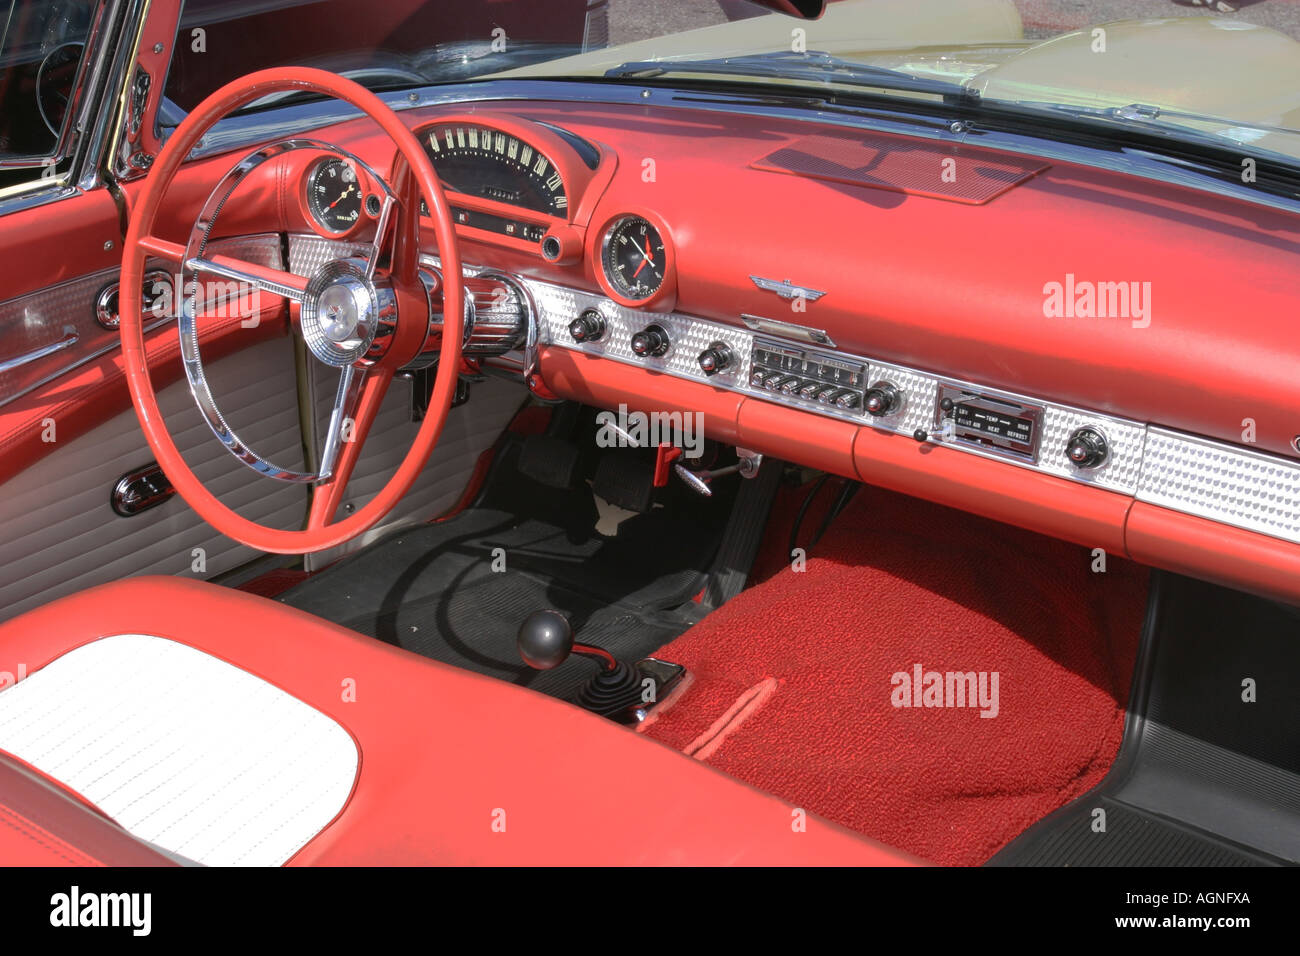 Interior Of A 1955 Ford Thunderbird Convertible Seen